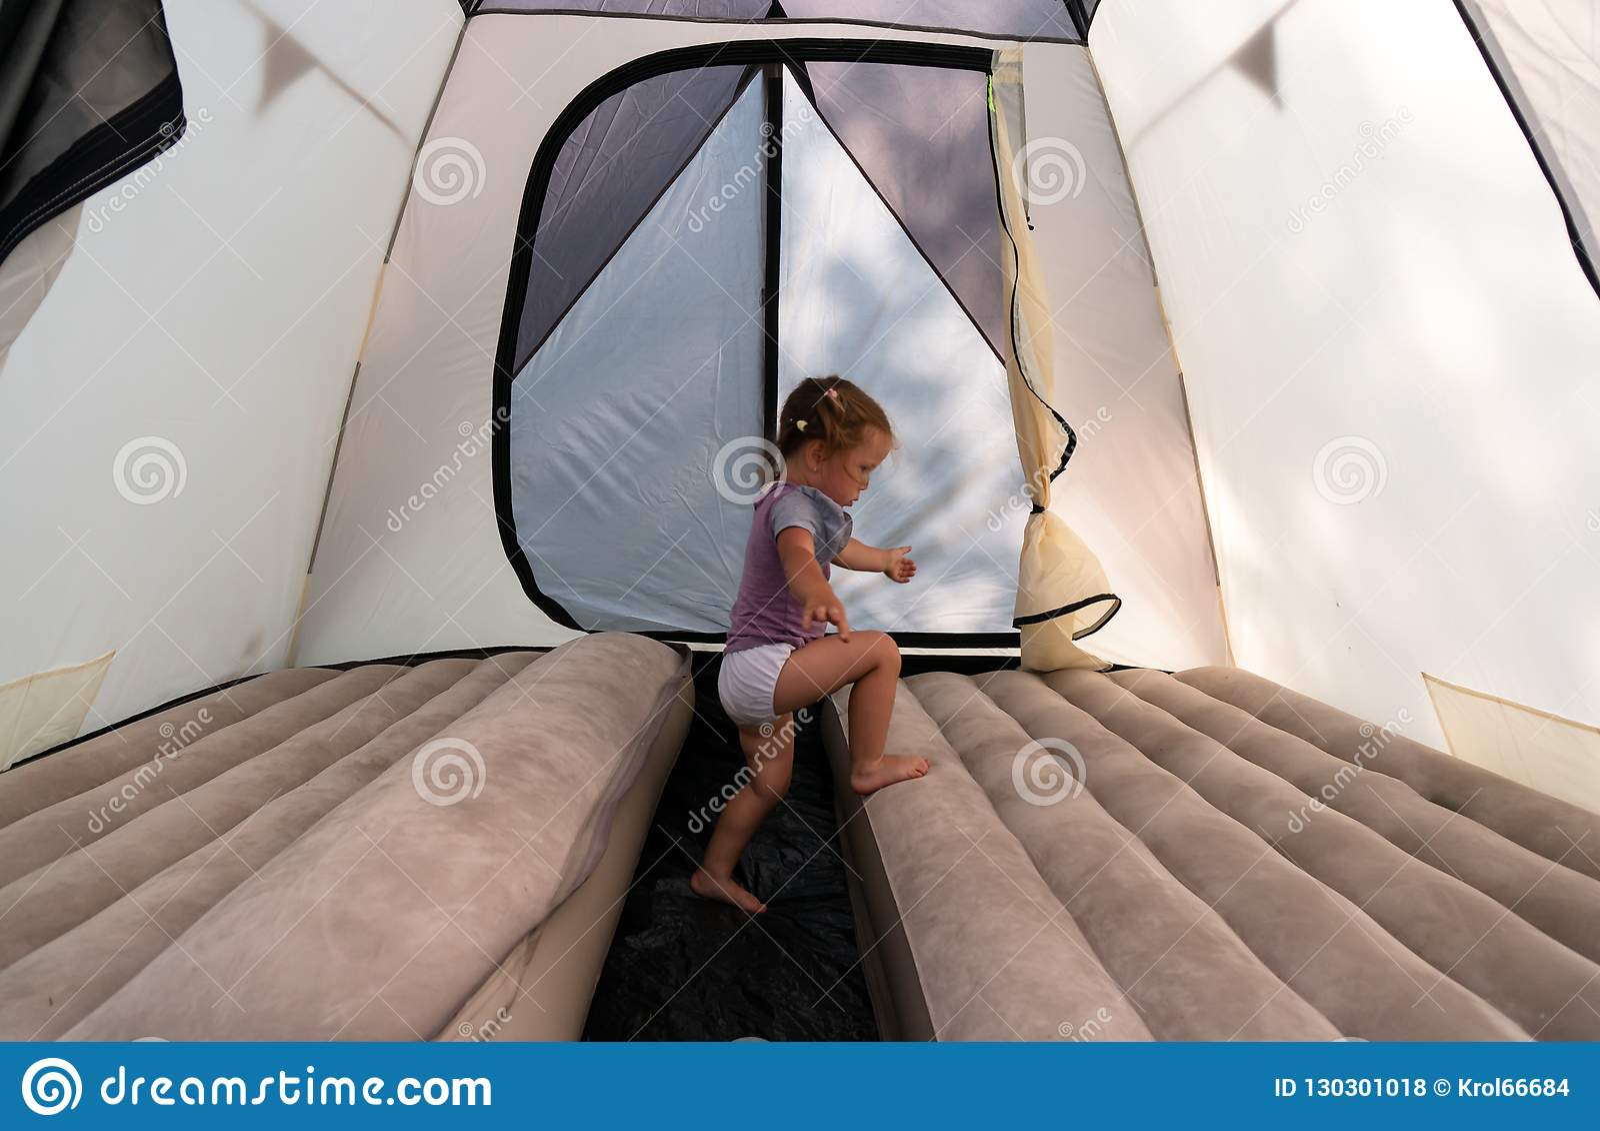 Bij het kampeerterrein, springt een klein meisje in een tent op matrassen